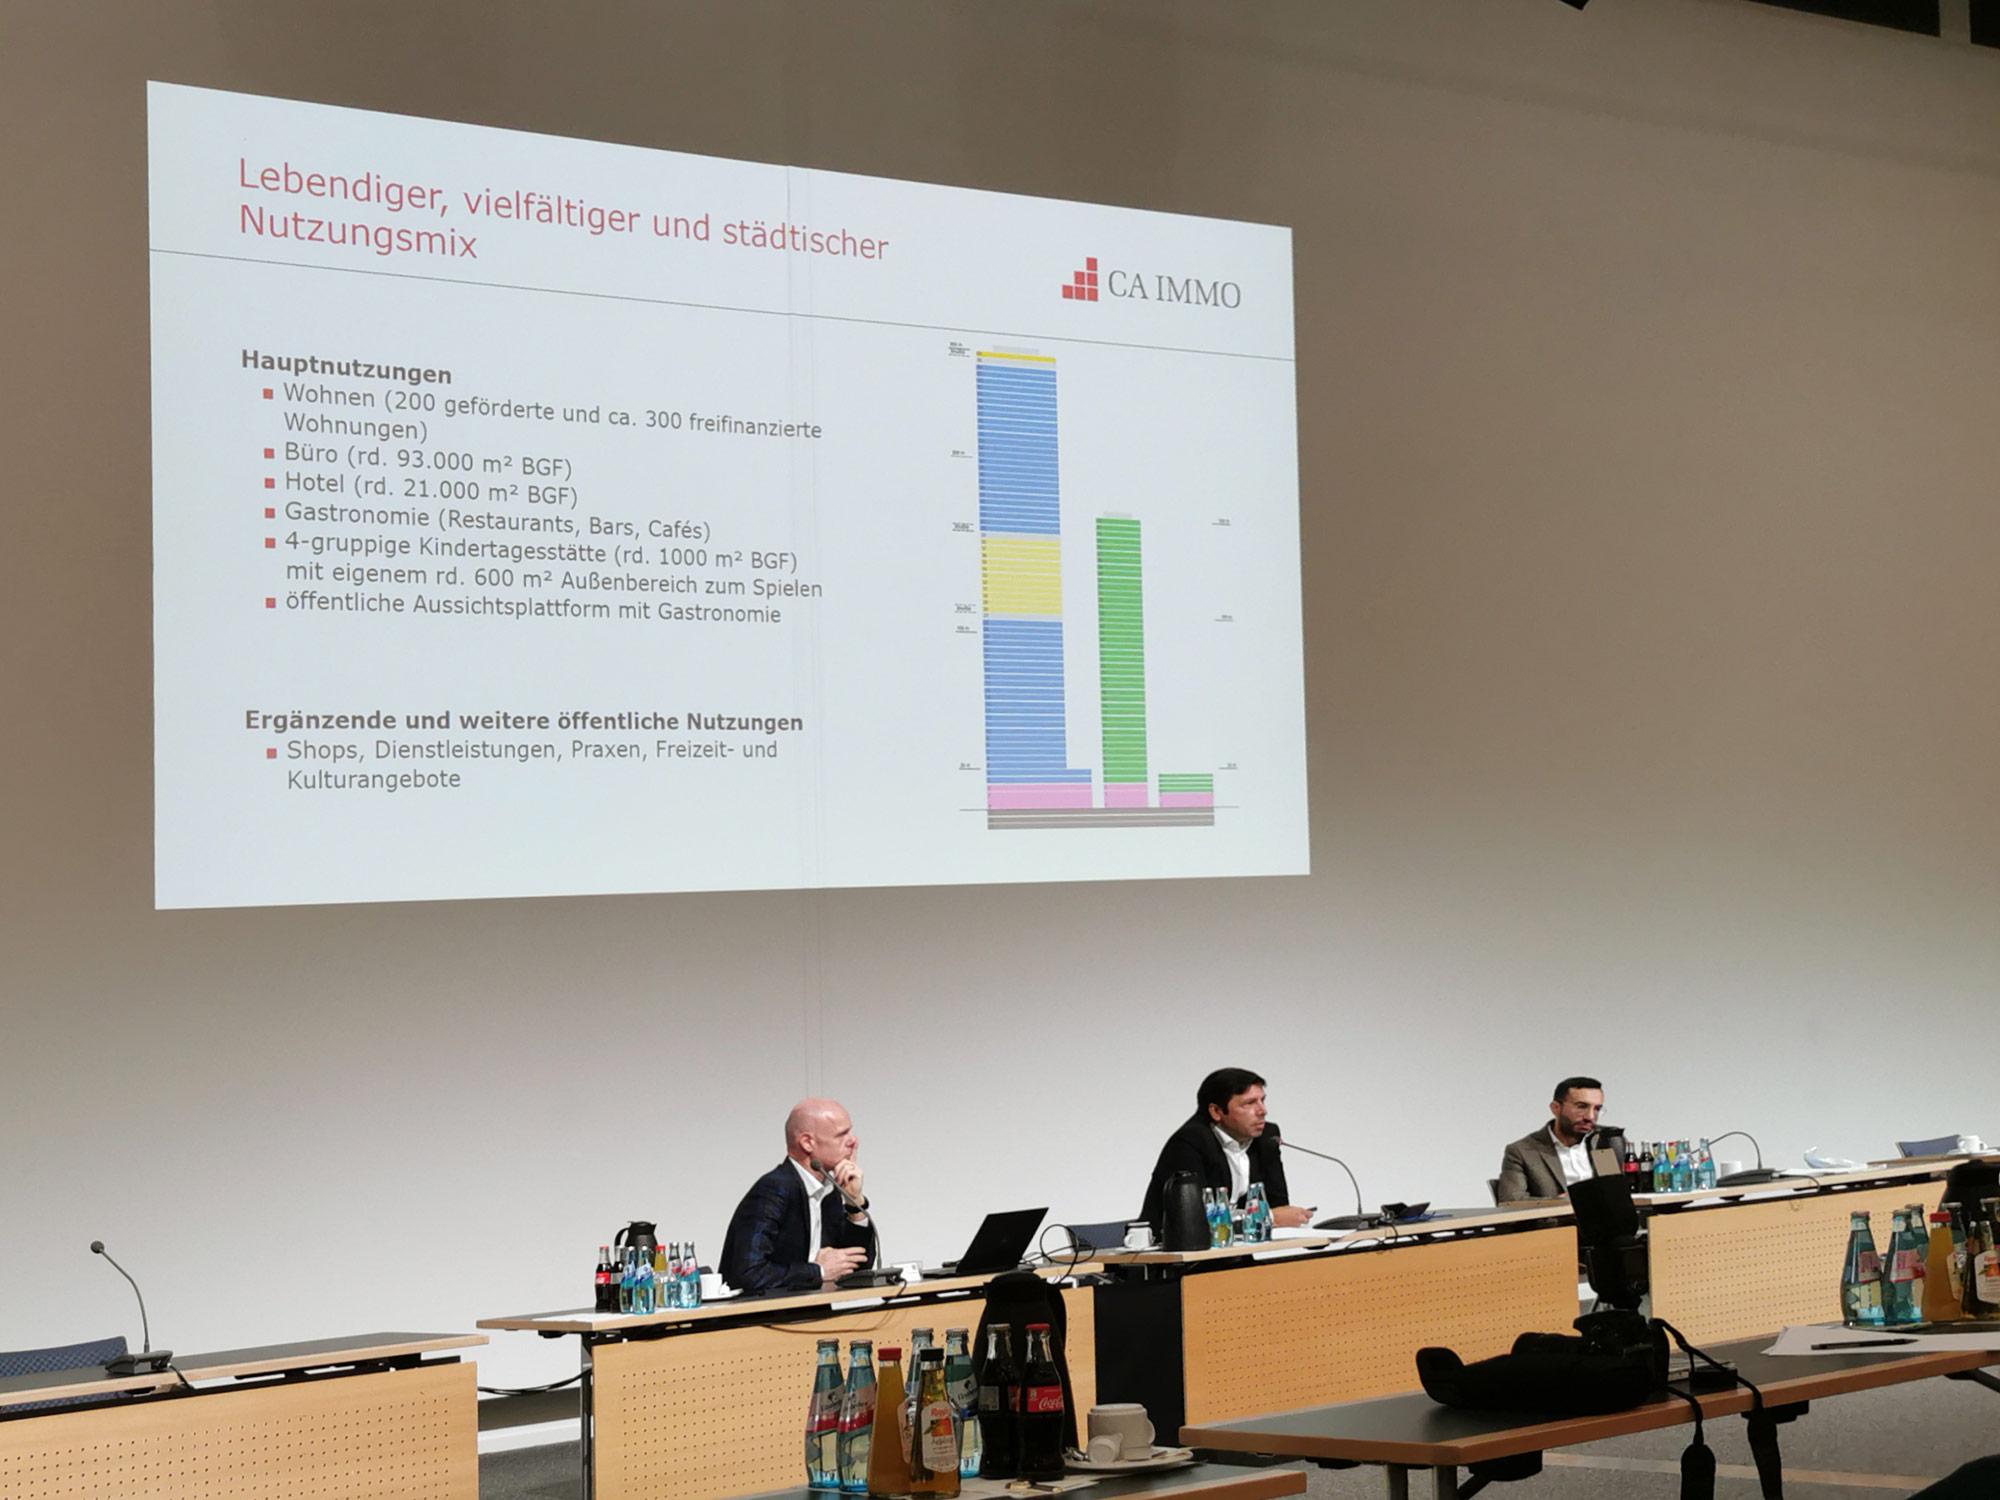 """Architekturwettbewerb für """"Millennium-Areal"""" in Frankfurt gestartet"""